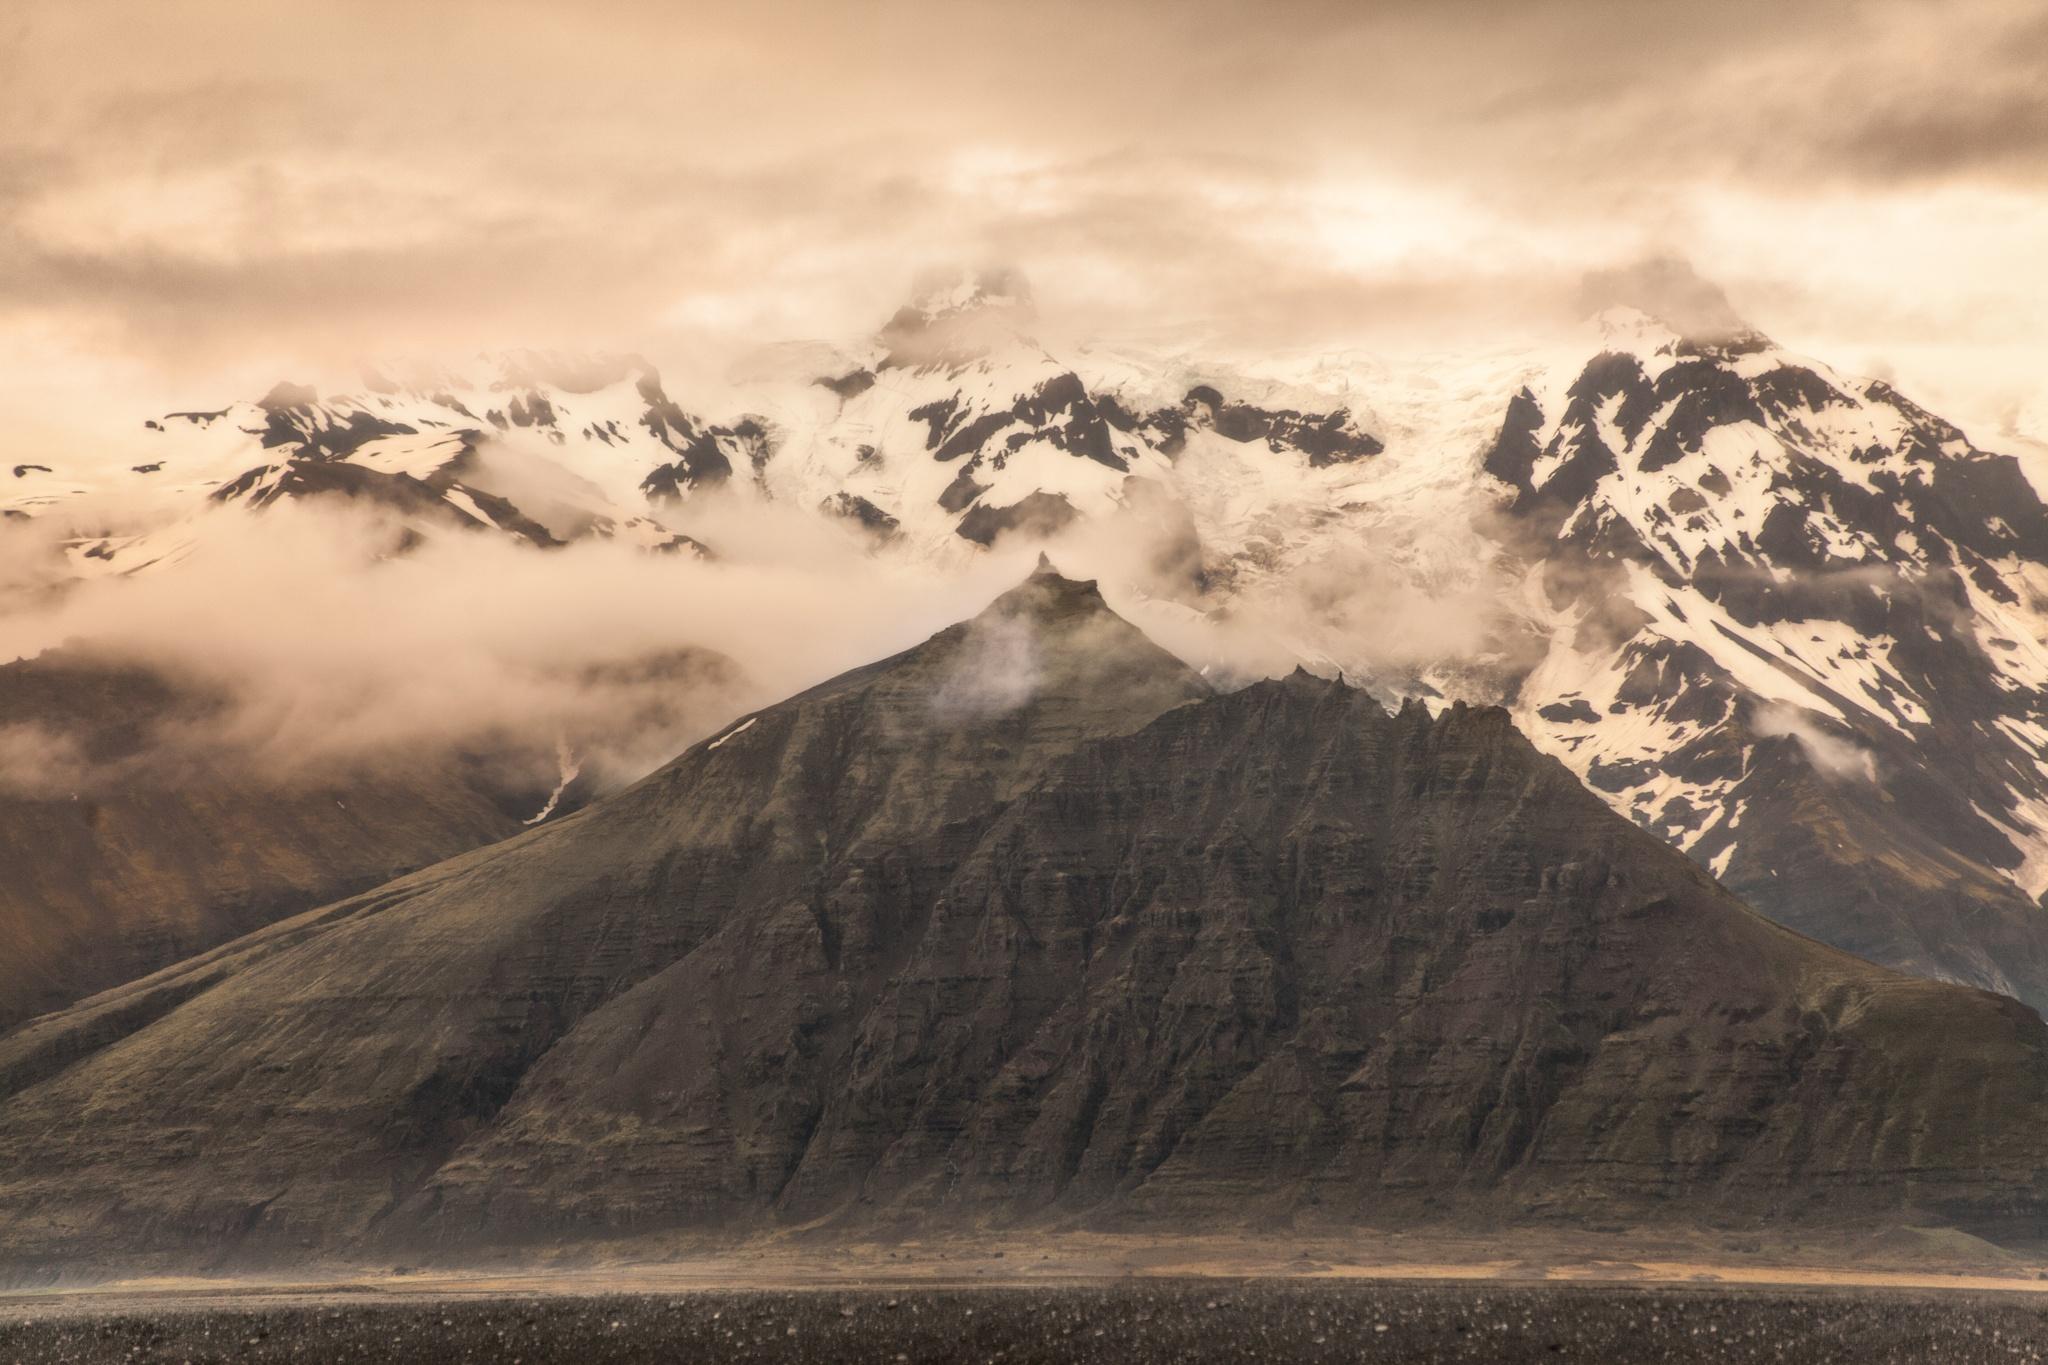 Islandia - Otras montañas - Fotos del Valle del Aragón, Mikel Besga